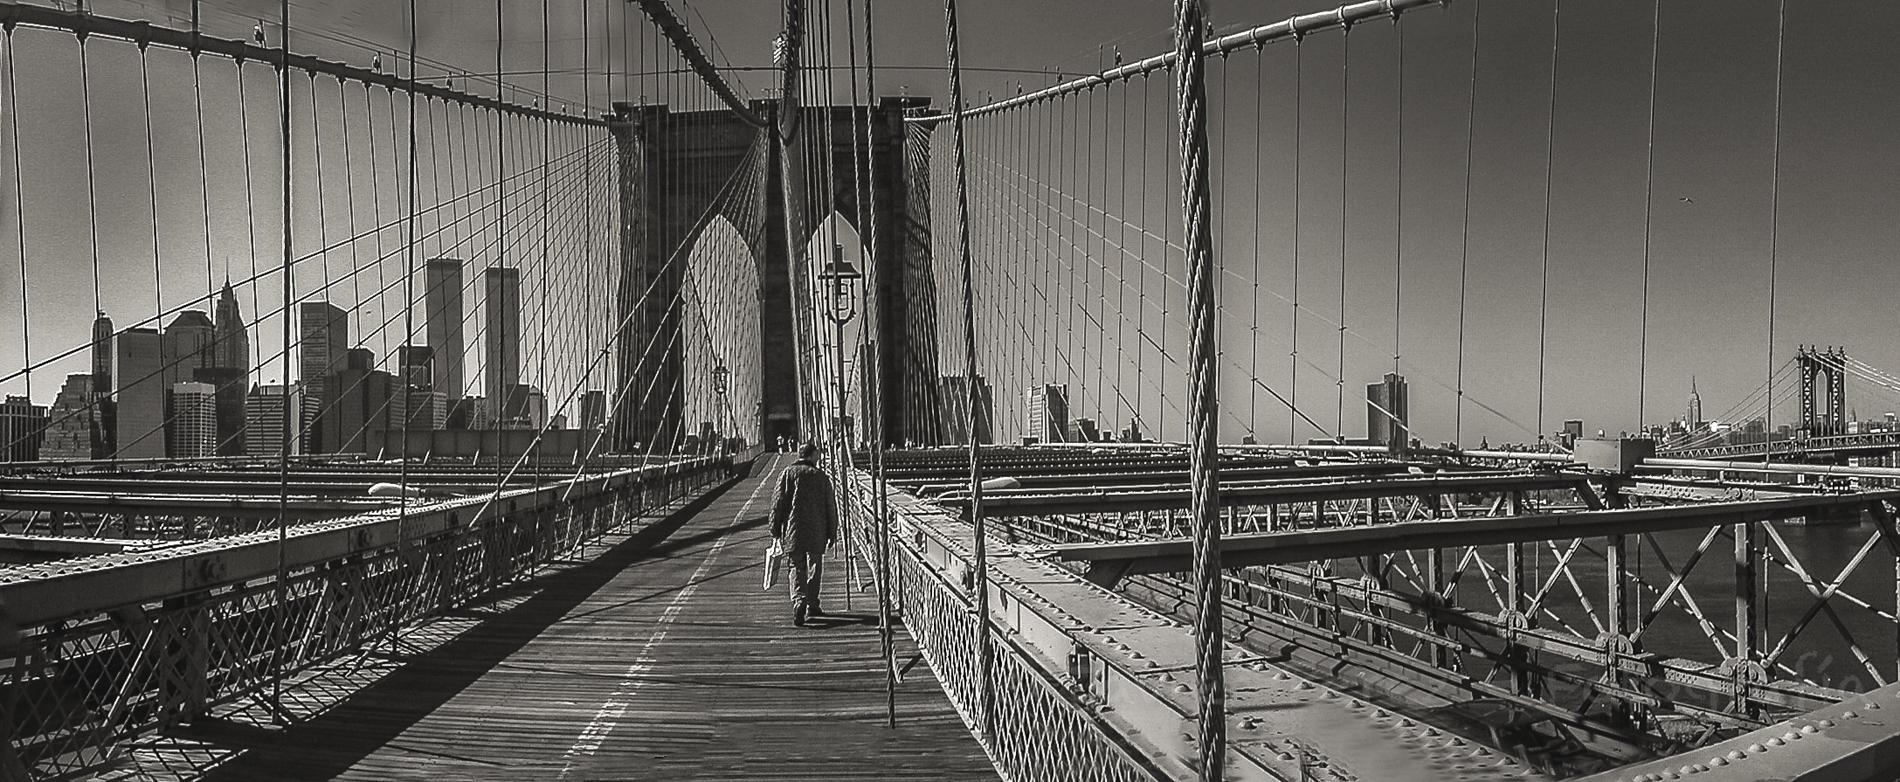 Puente de Brooklyn ©Javier Pérez - 1.999